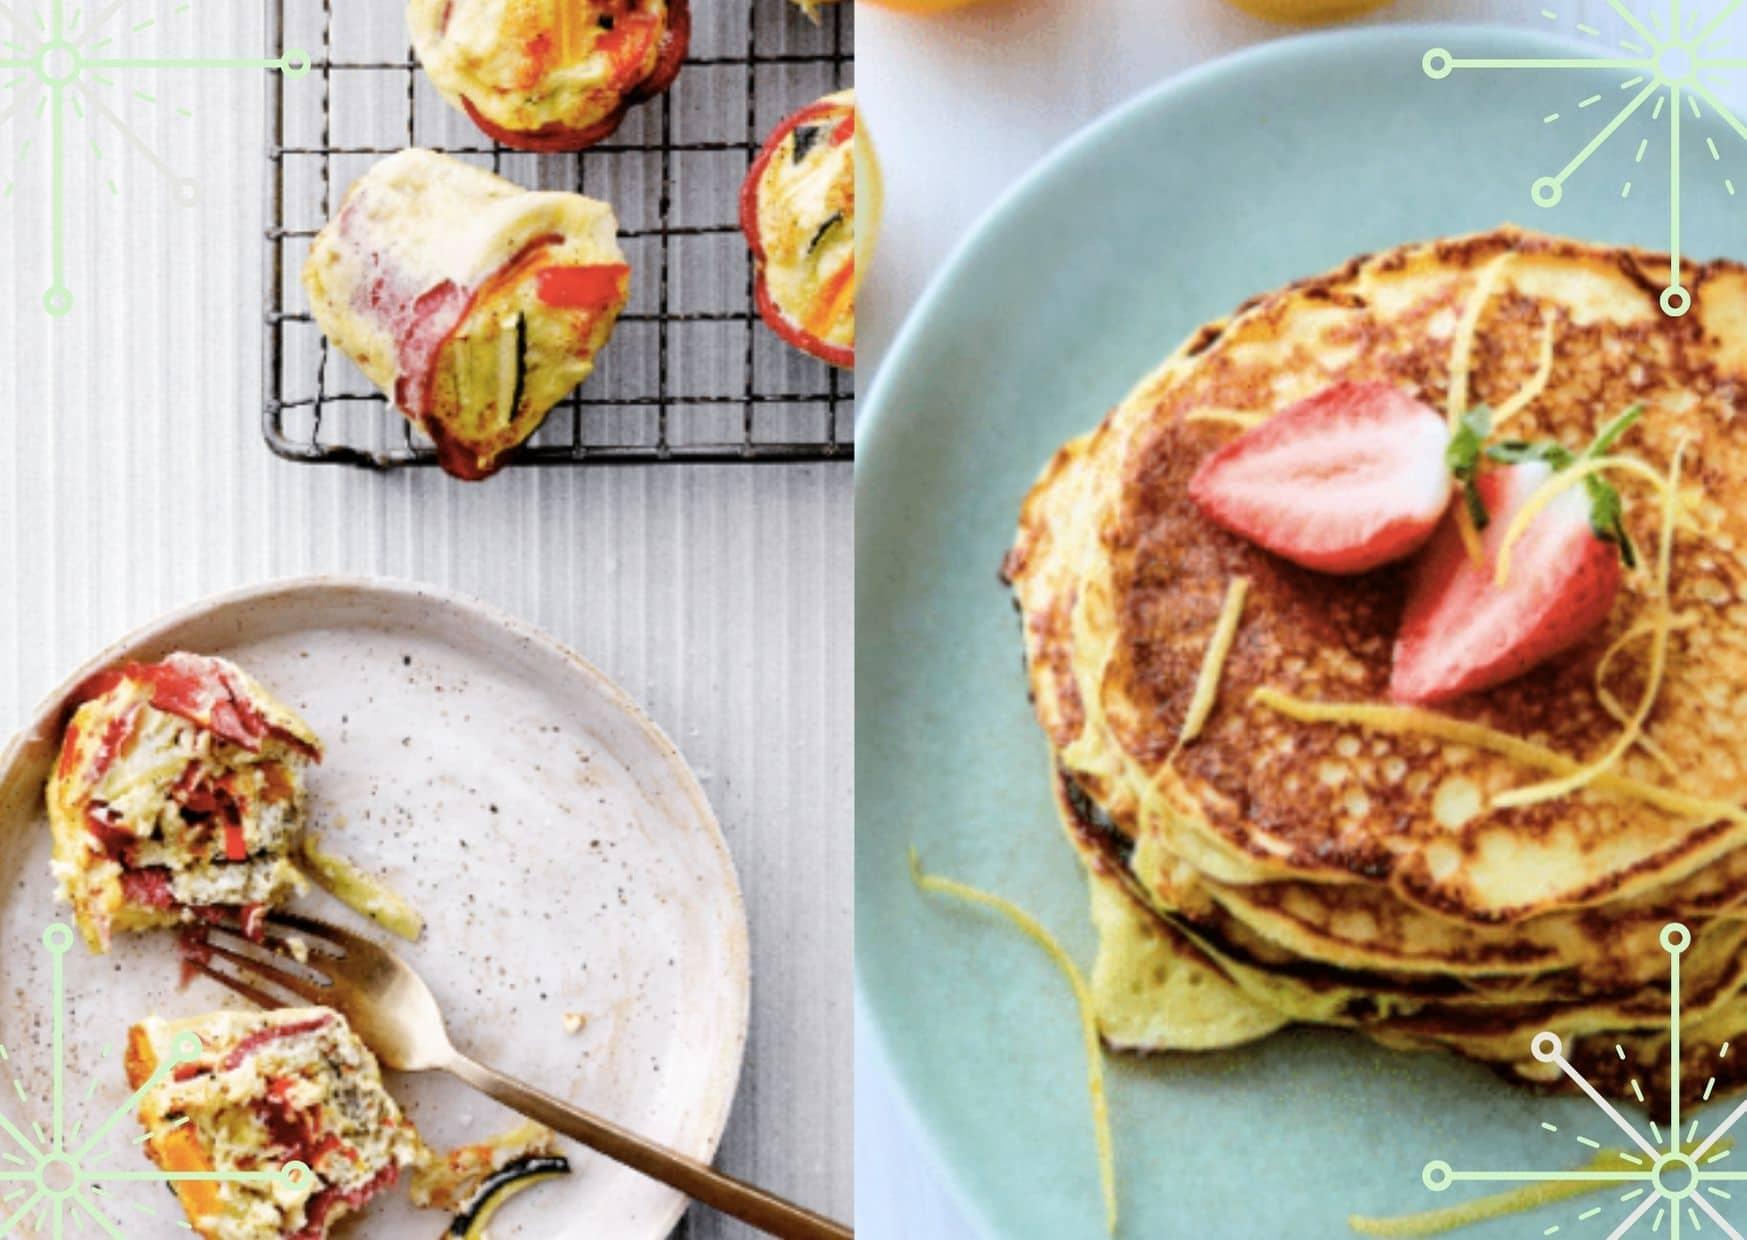 Æggemuffins og pandekager til tømmermændene